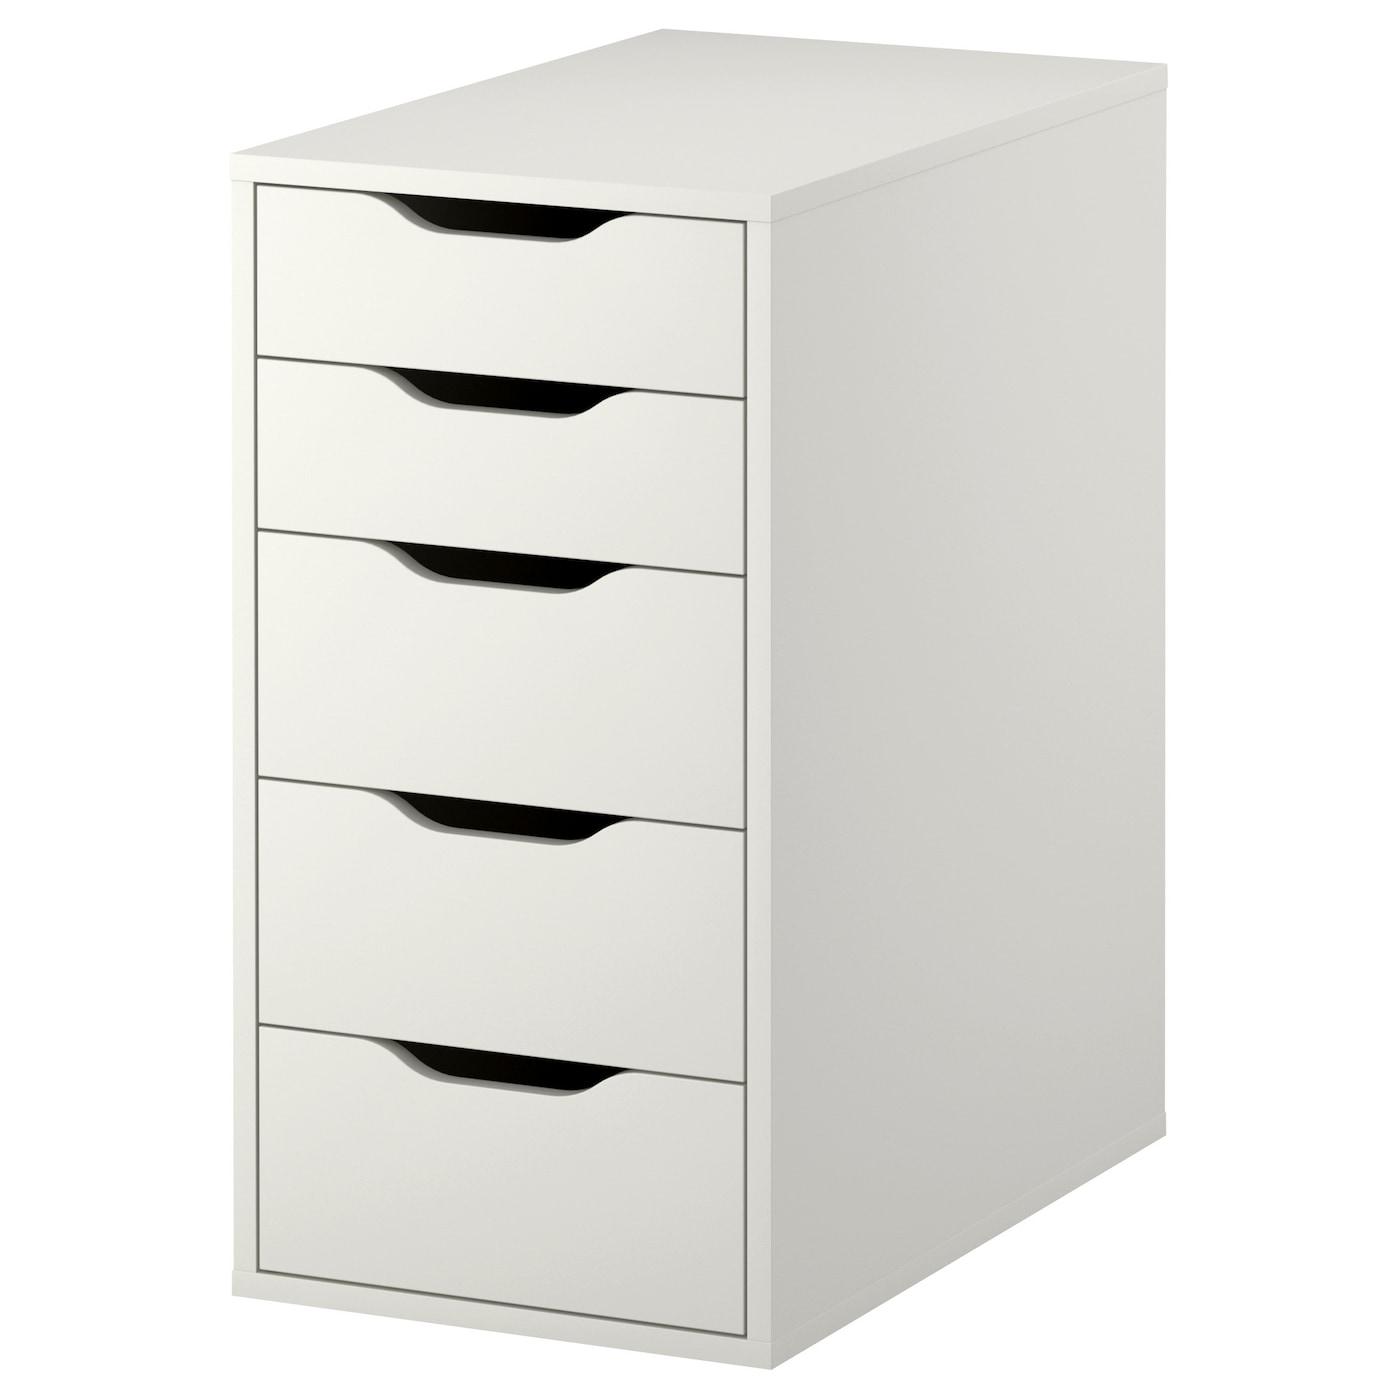 Alex Caisson A Tiroirs Blanc 36x70 Cm Ikea